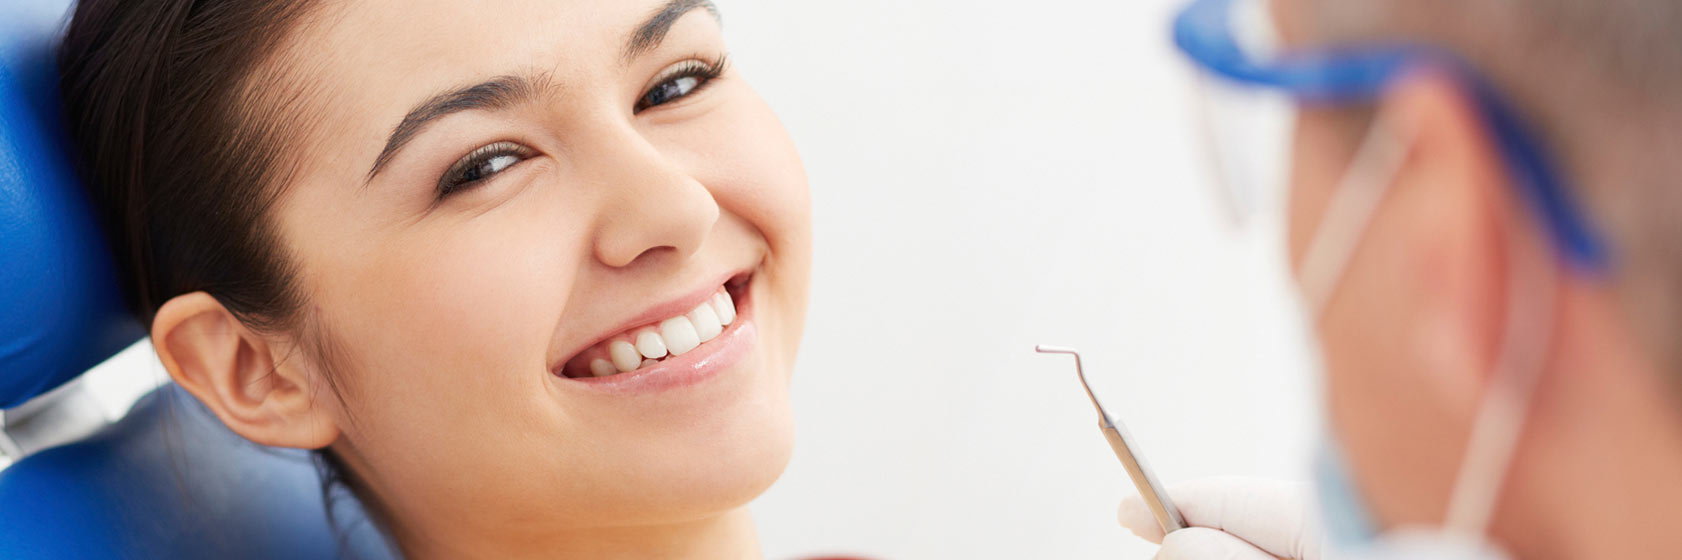 DENTVİTAL KLİNİK | Diş İMPLANTI, ZİRKONYUM diş